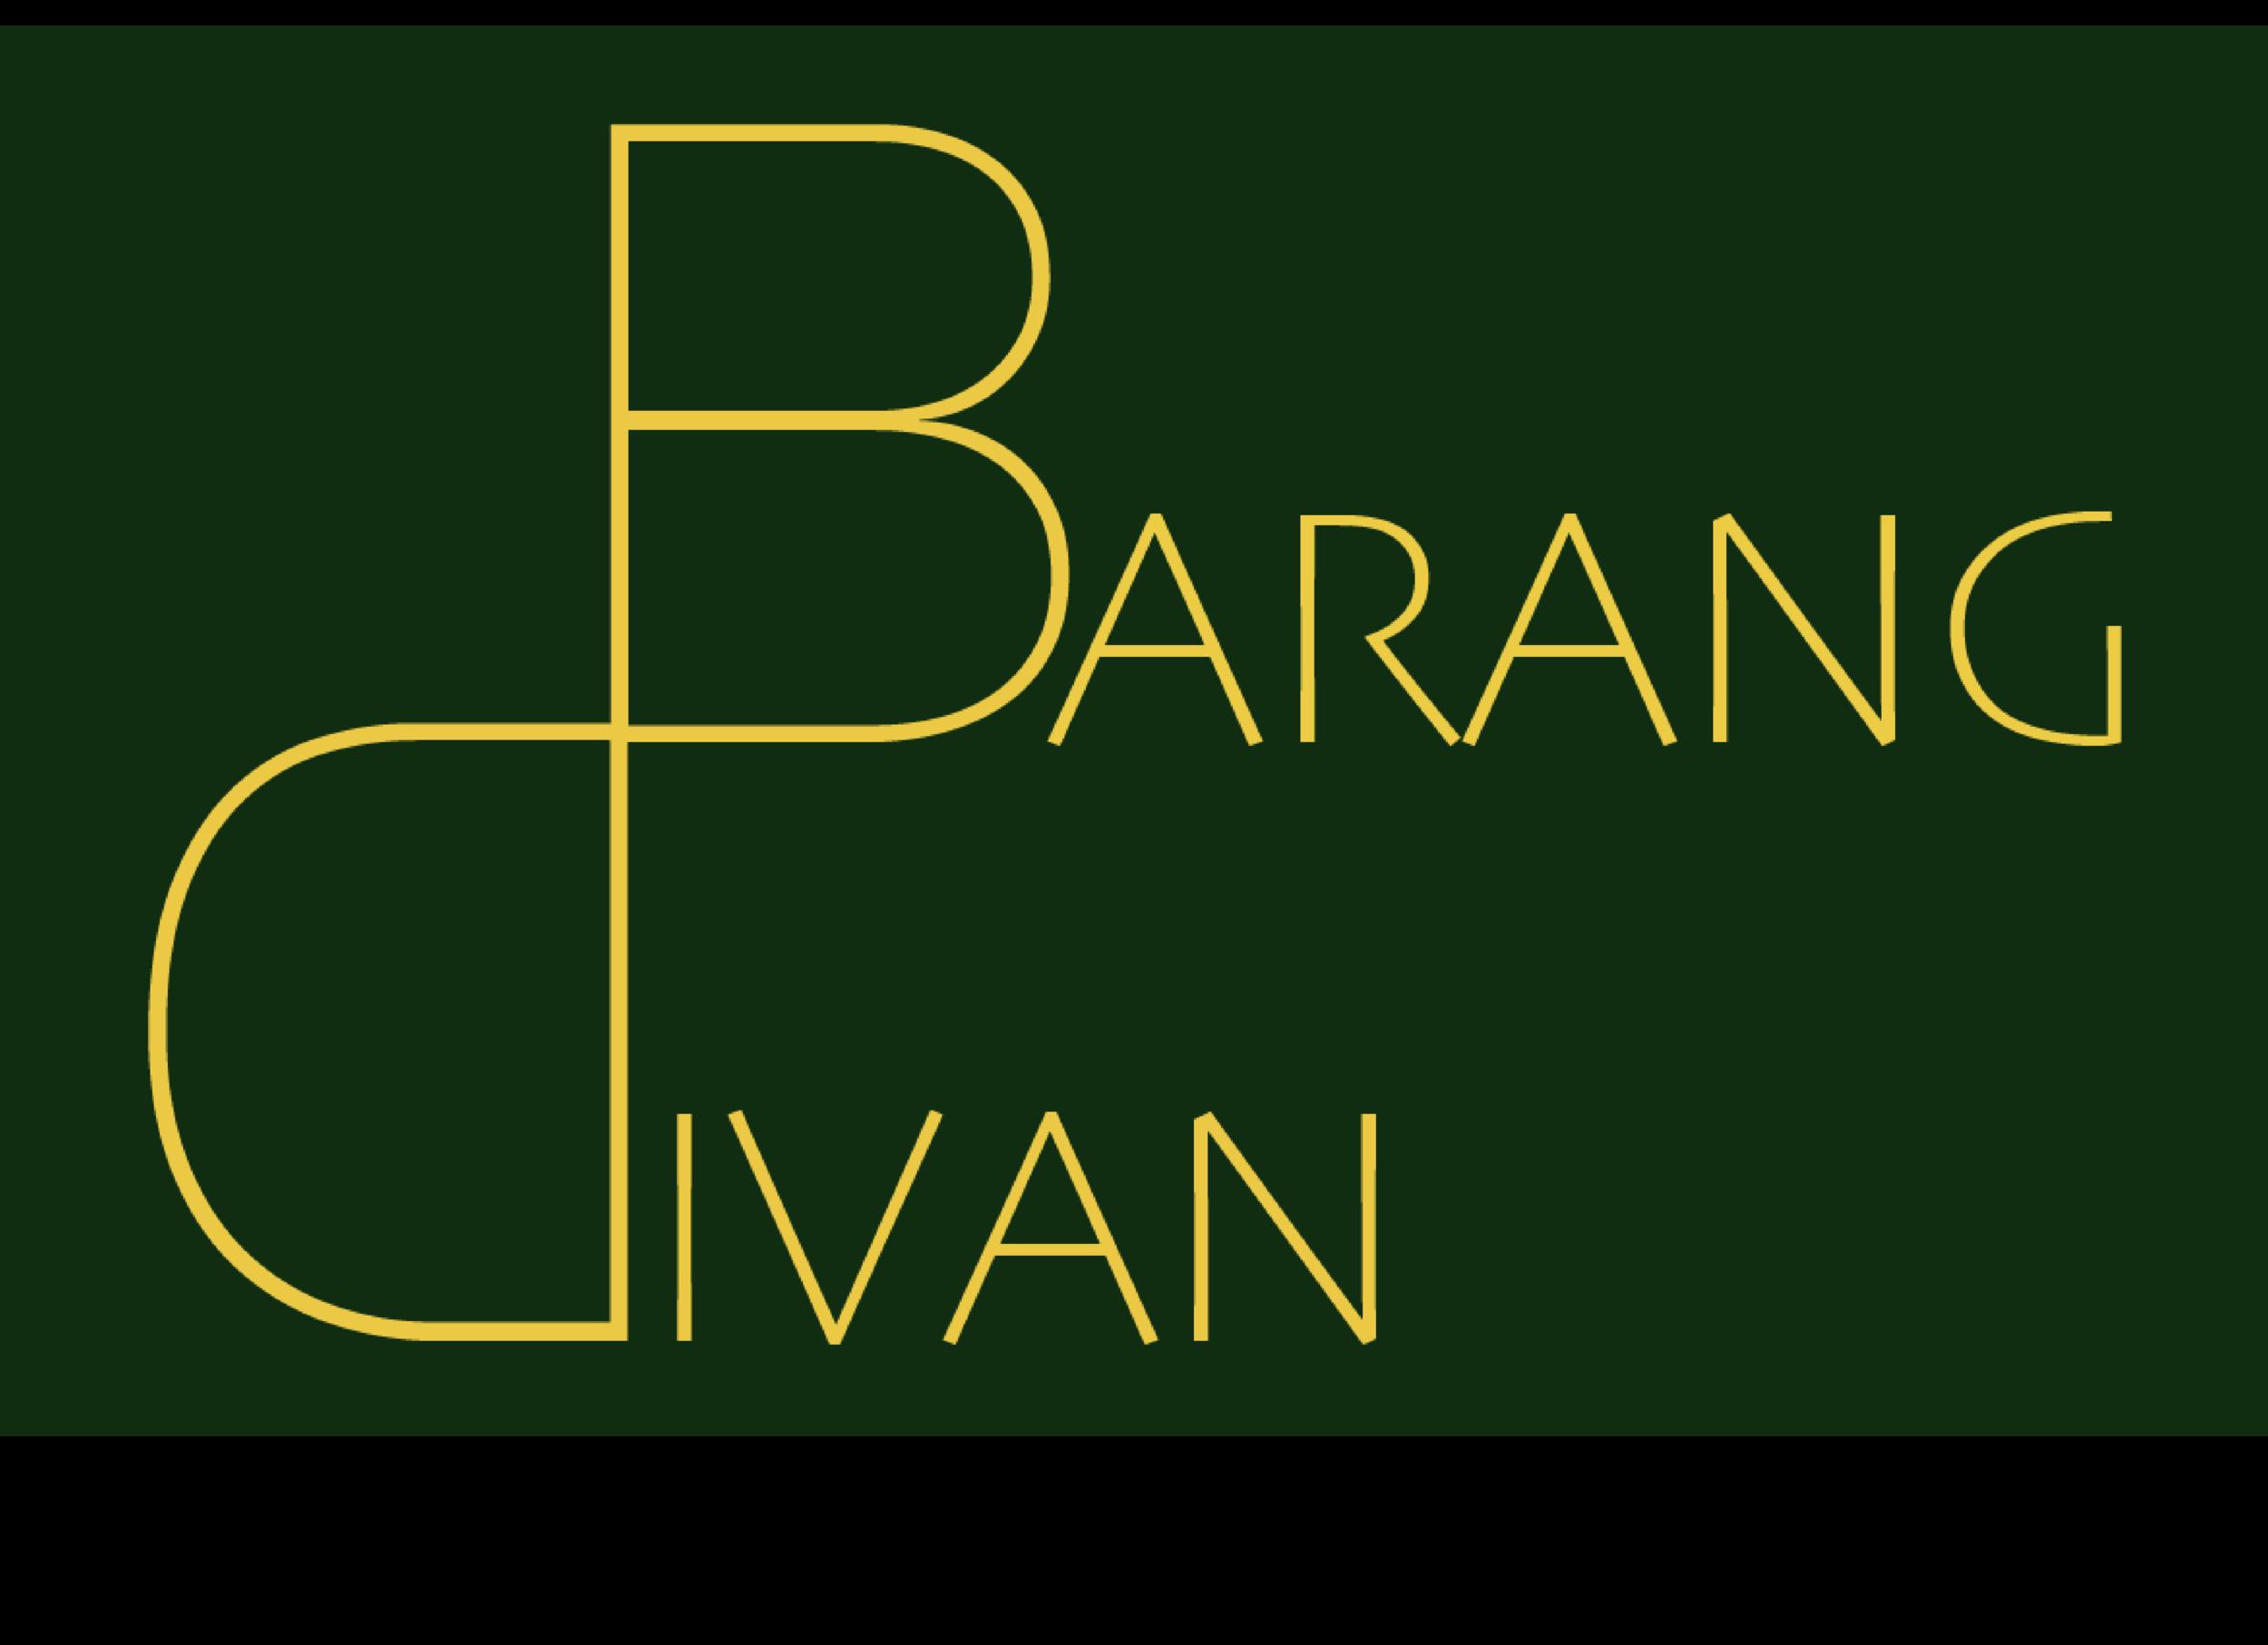 Barang Divan Logo - Green.png